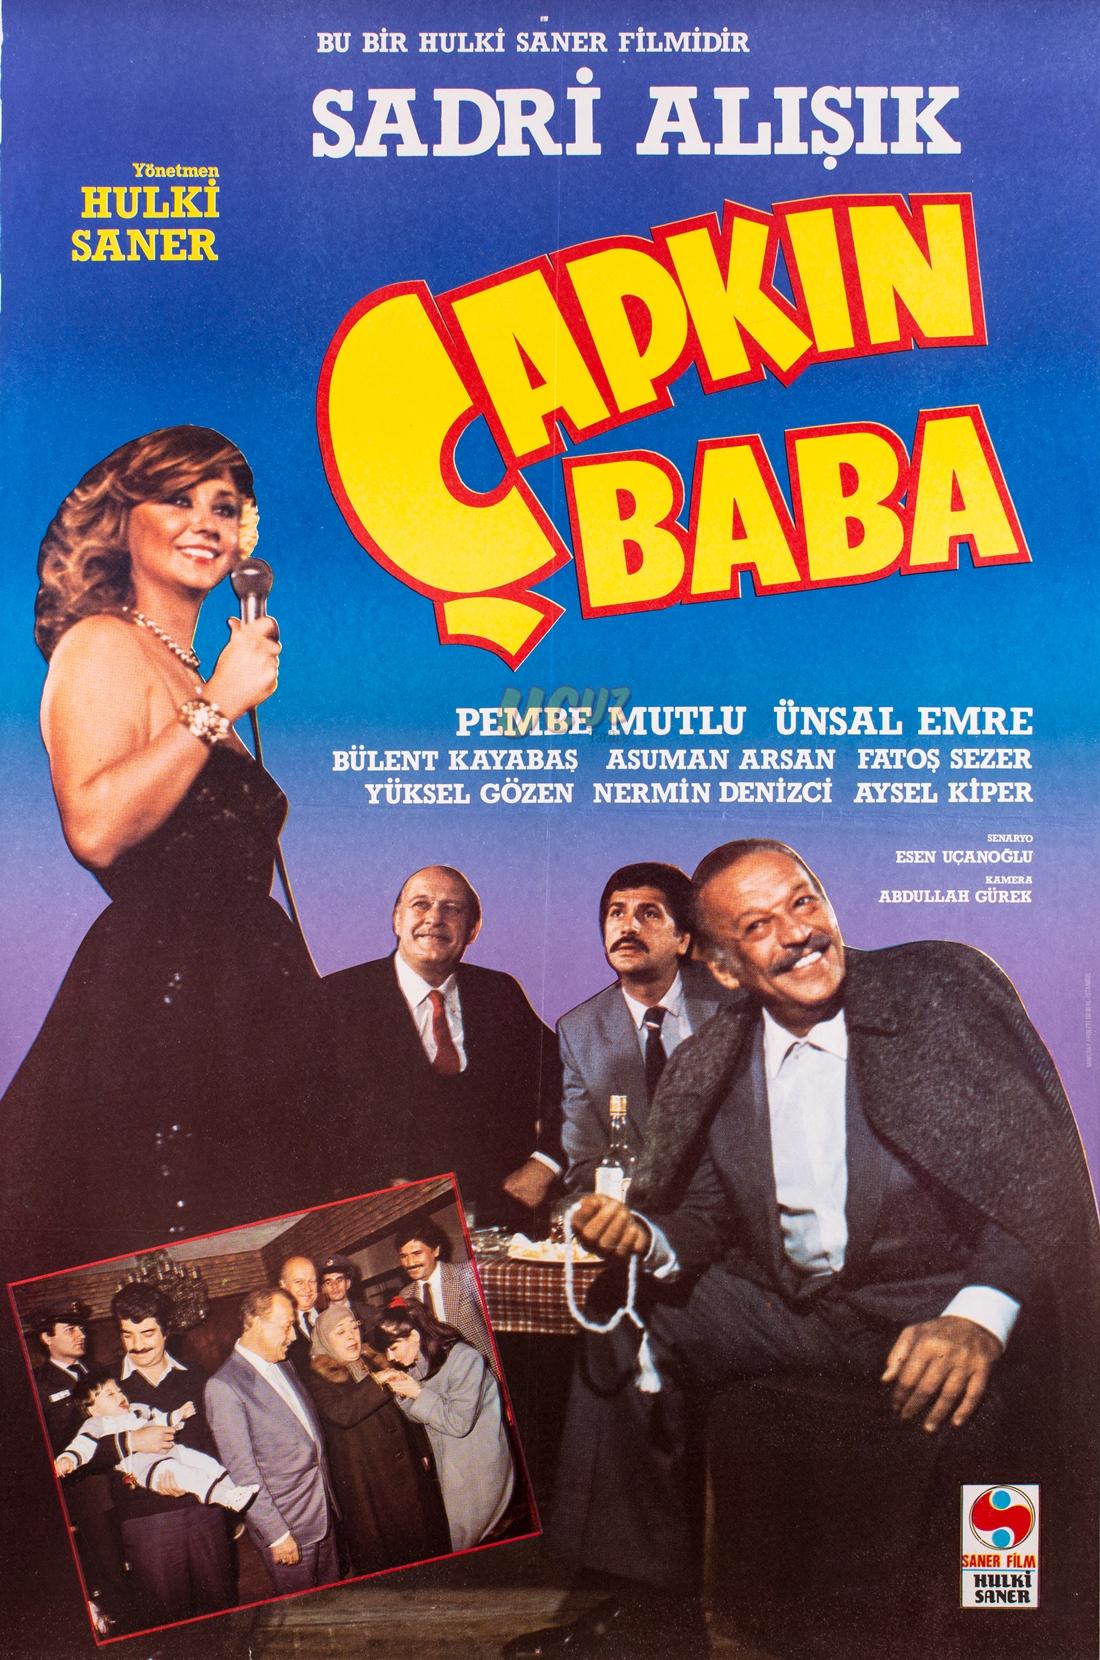 Çapkin baba ((1986))